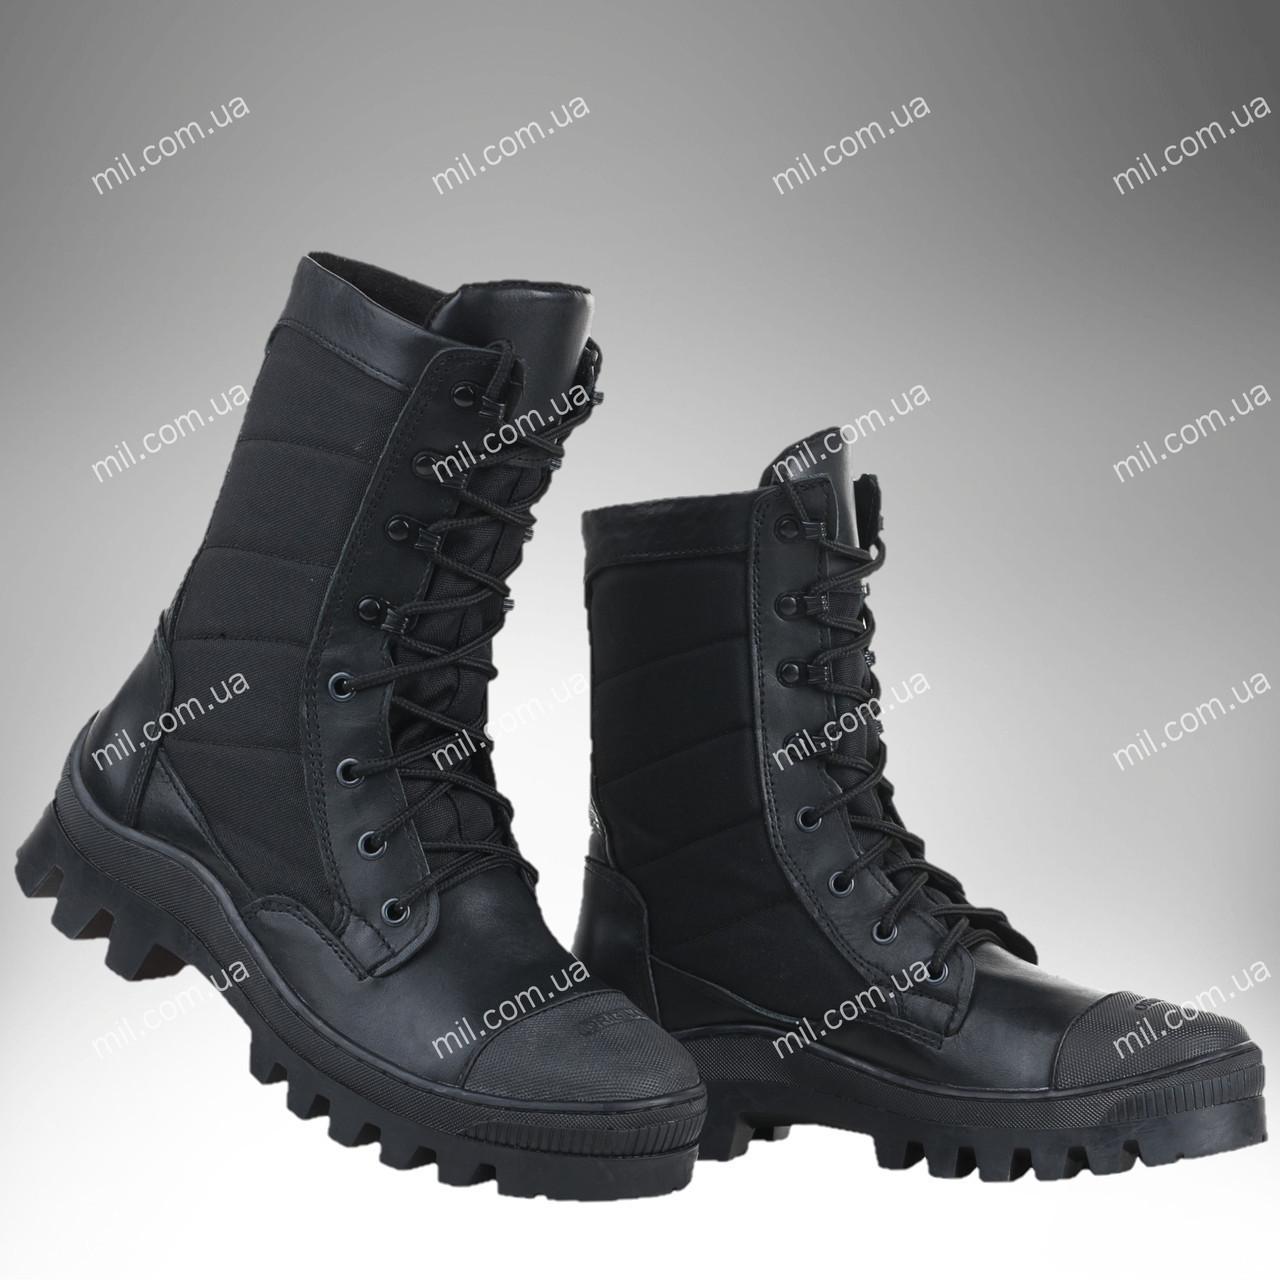 Берцы зимние / военная, армейская обувь СКИФ I (black)